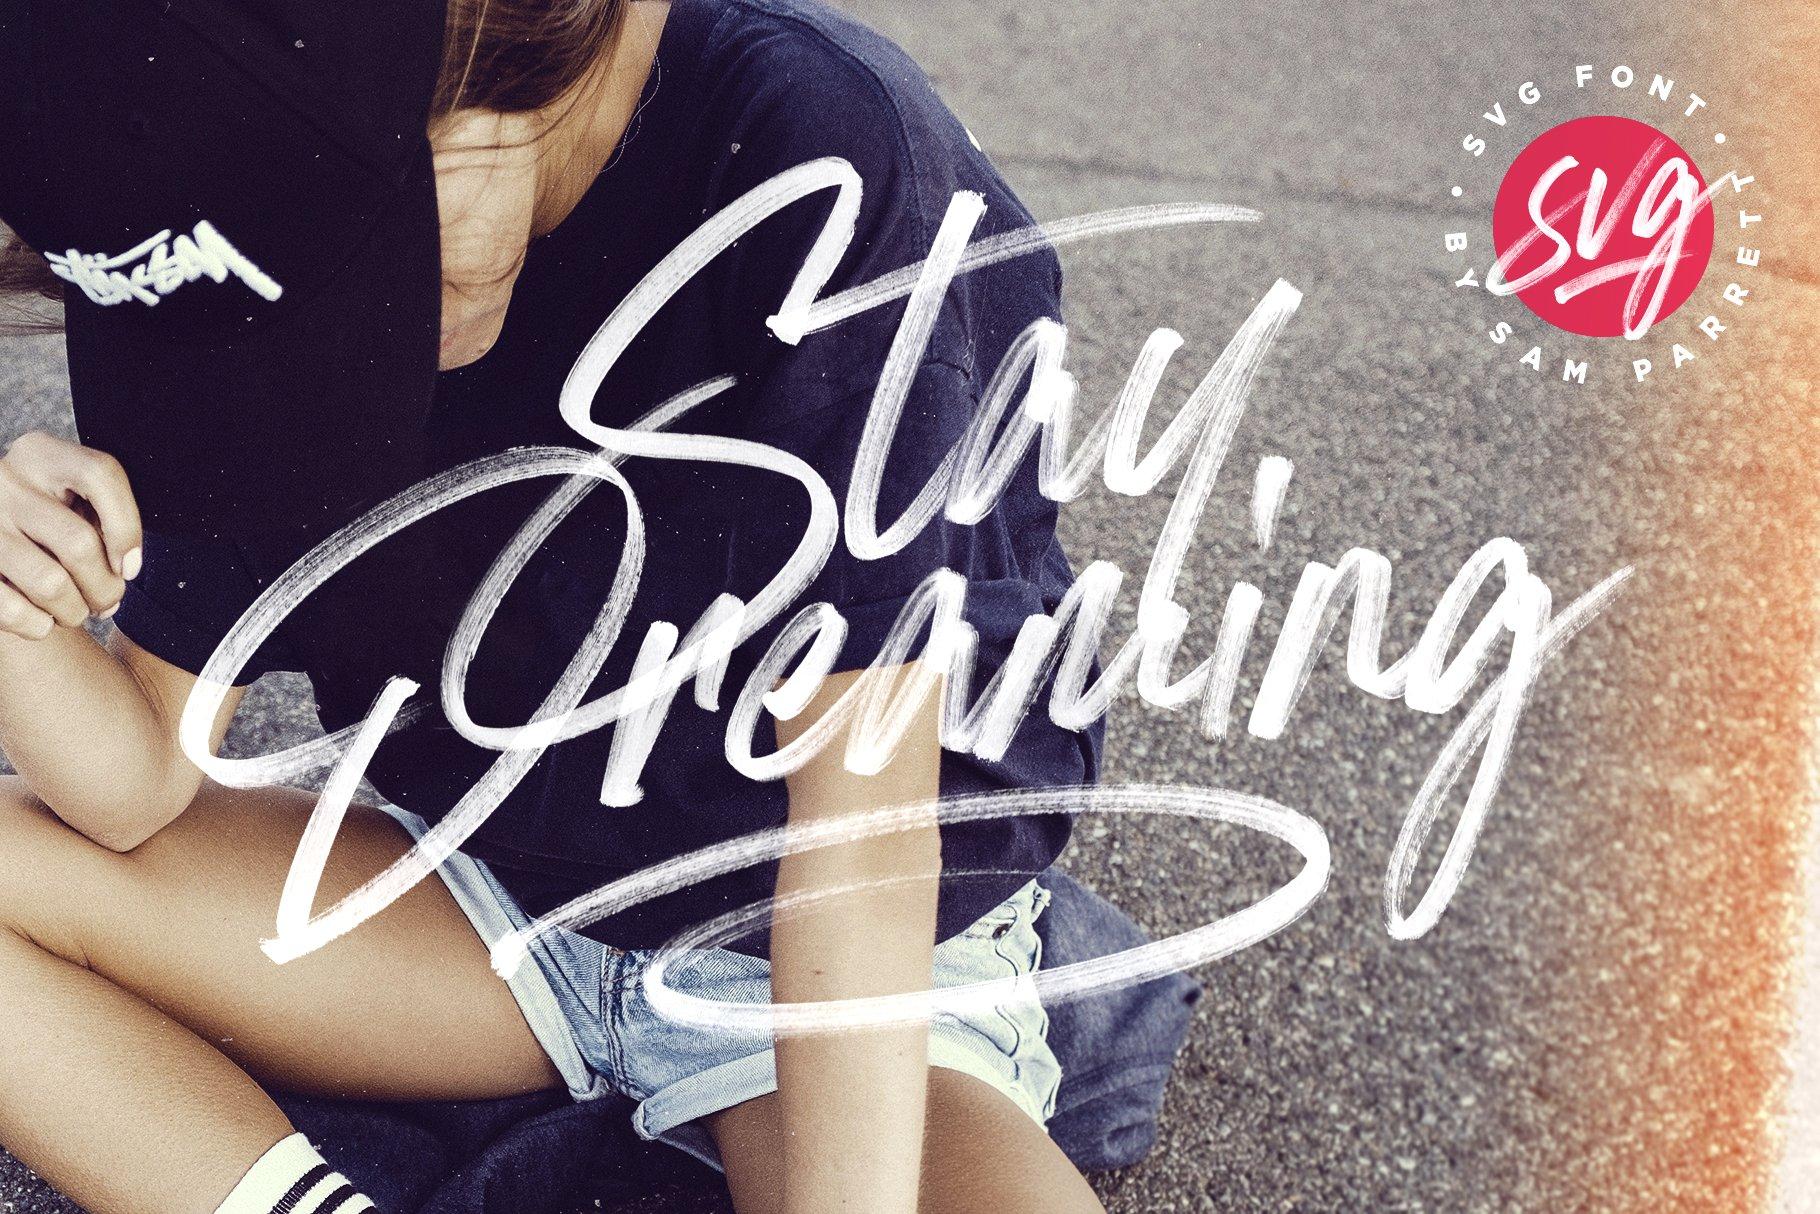 Stay Dreaming书法手写笔触大气潮牌好看的英文字体下载